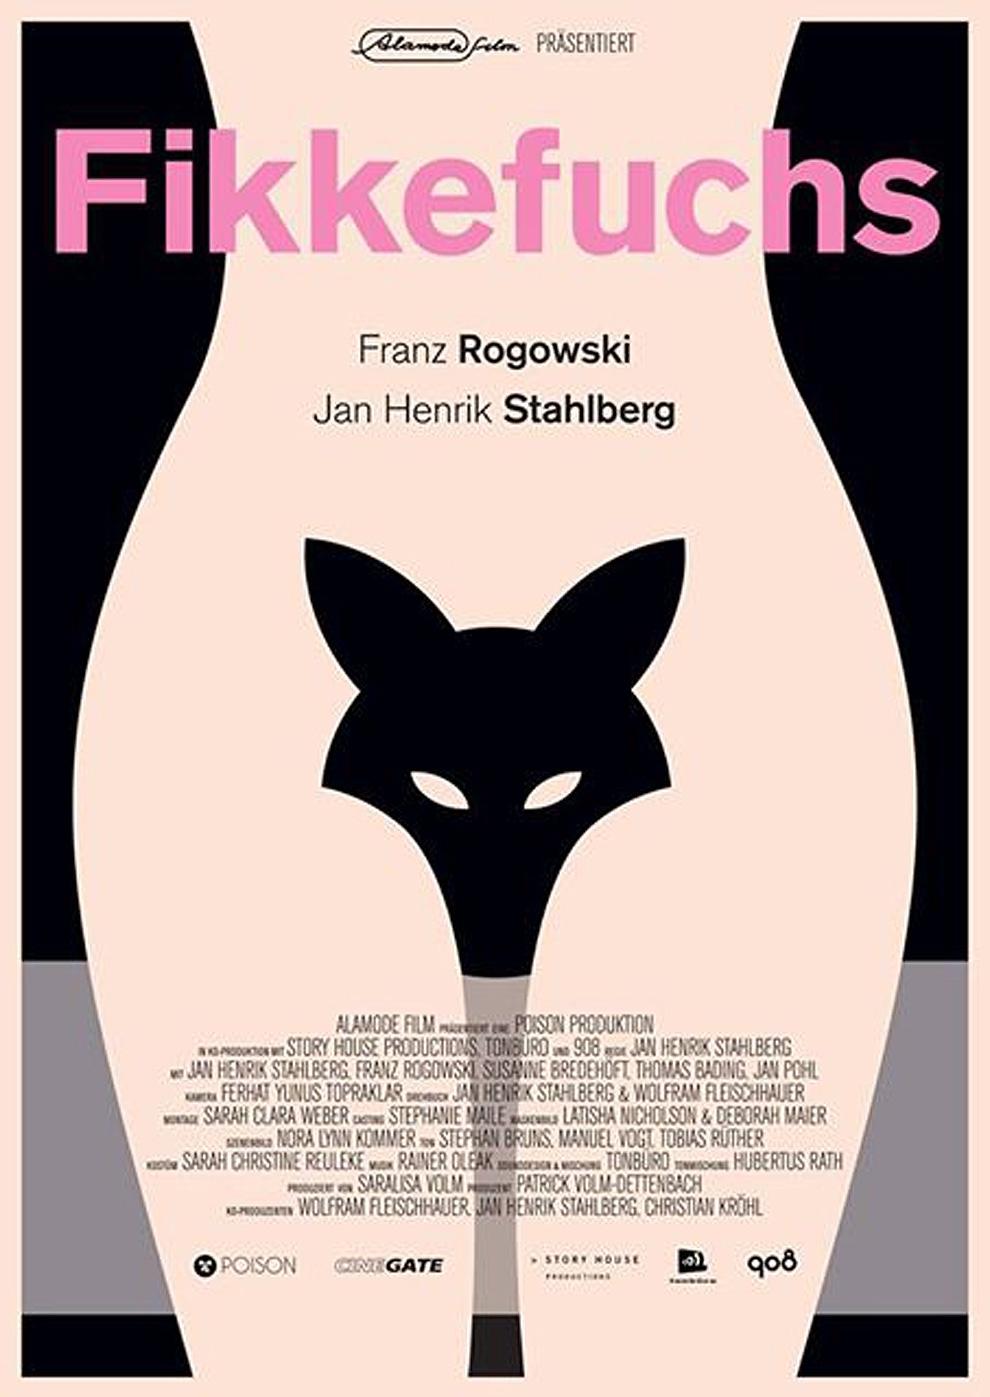 Fikkefuchs (Poster)